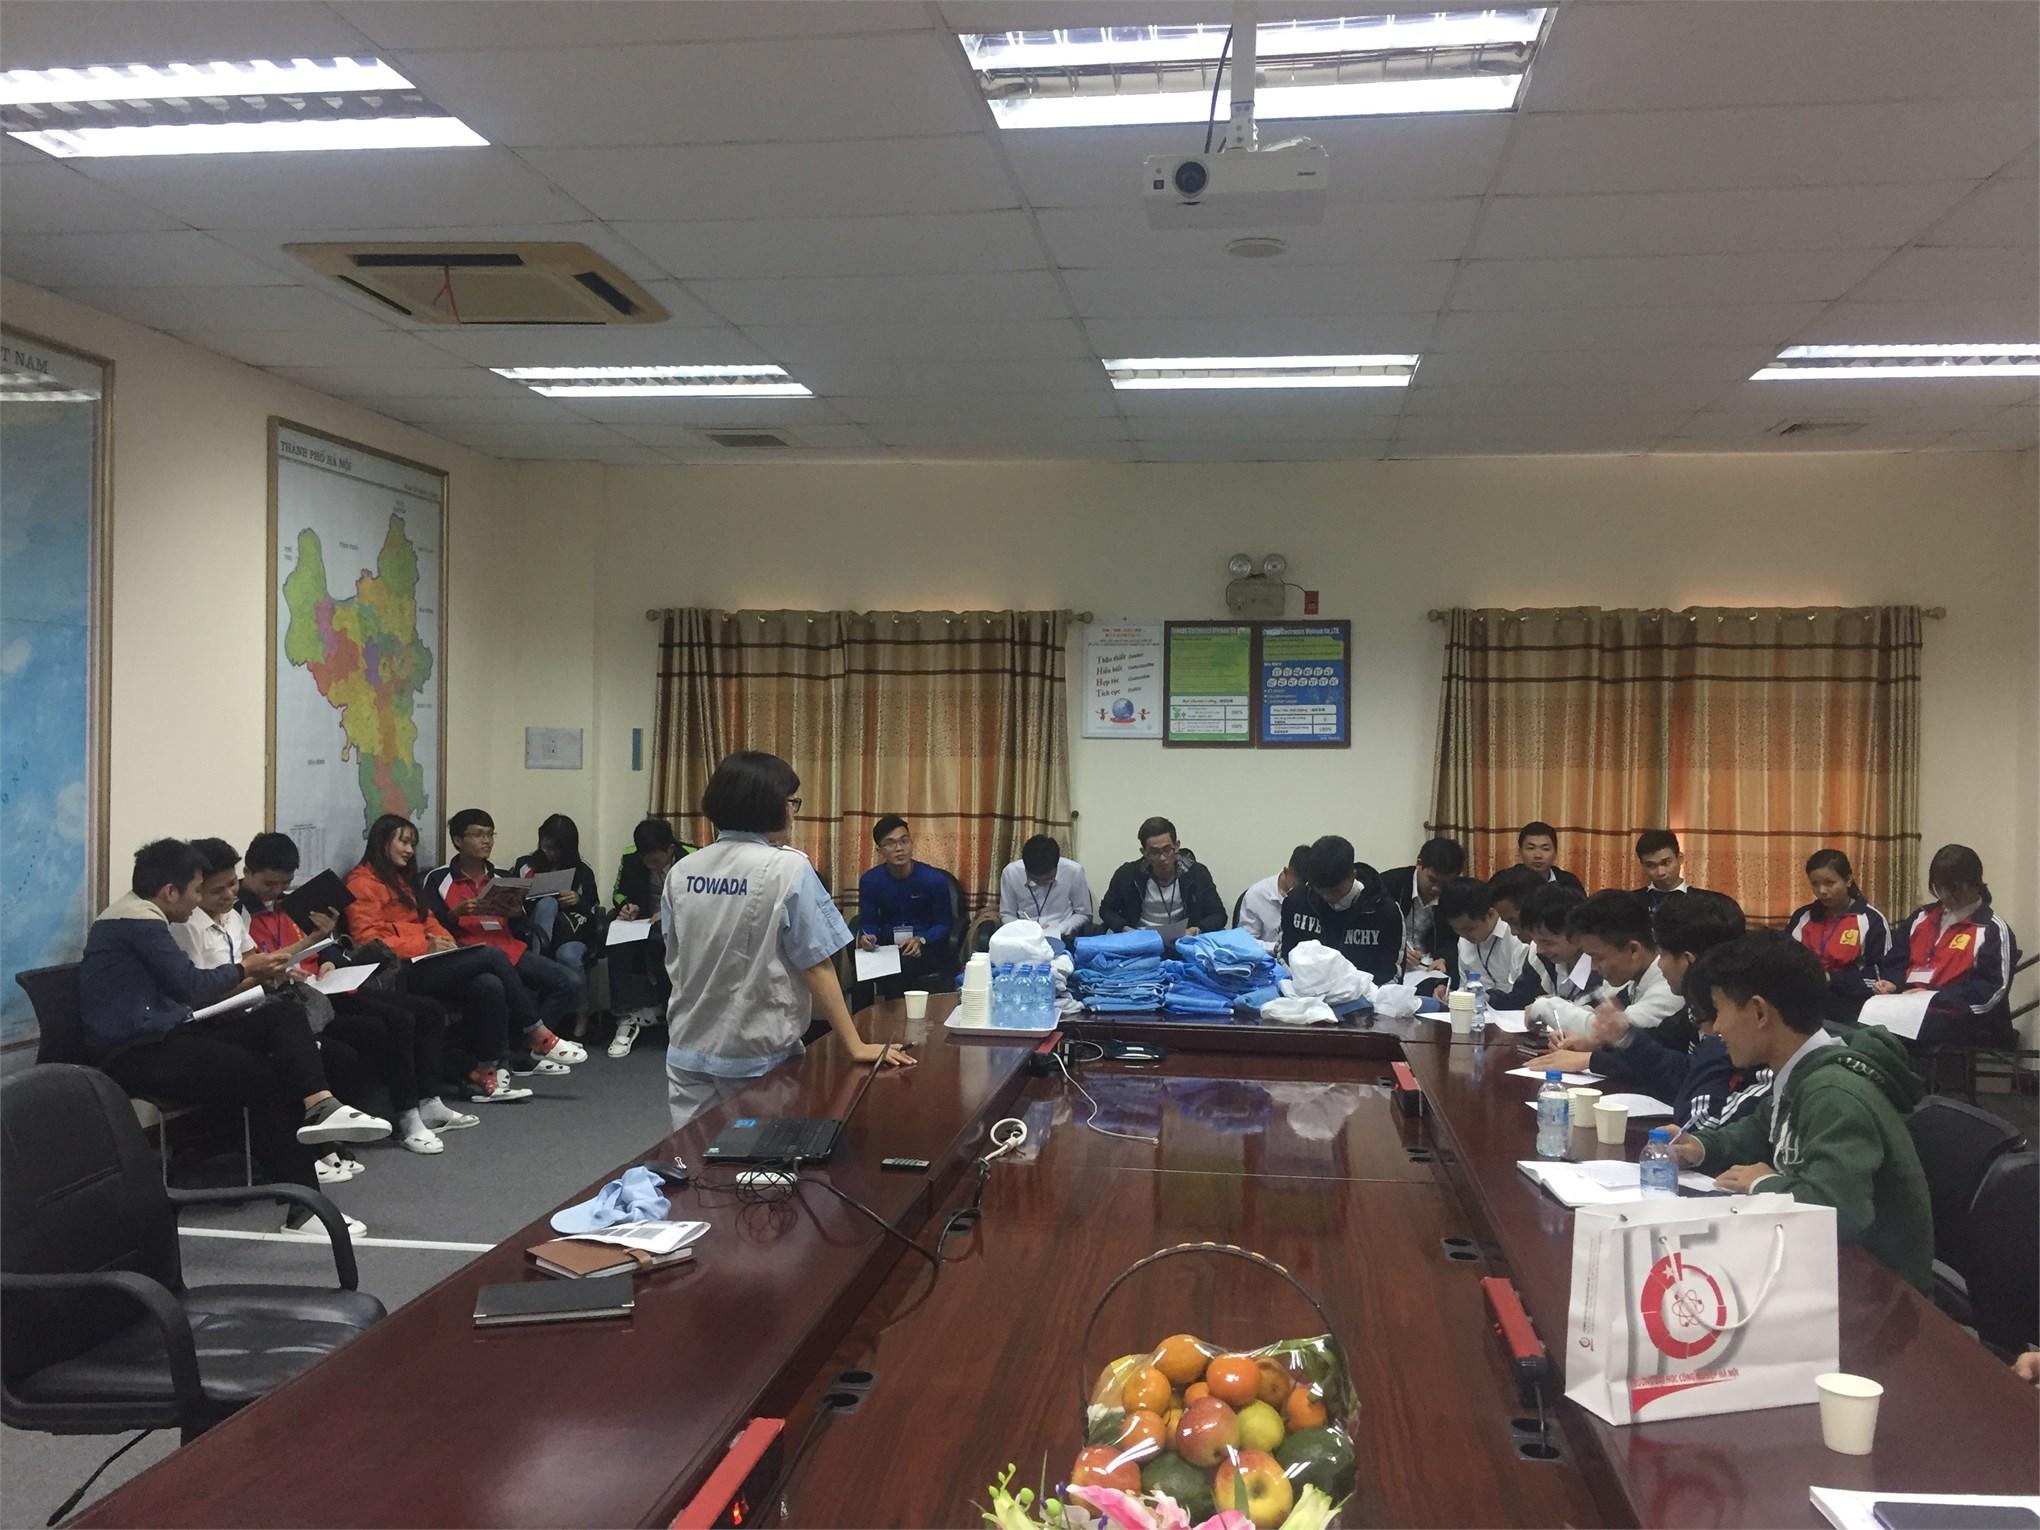 Kế hoạch tiếp nhận SV Đại học K11 thực tập tốt nghiệp tại Công ty TNHH Điện tử Towada Việt Nam